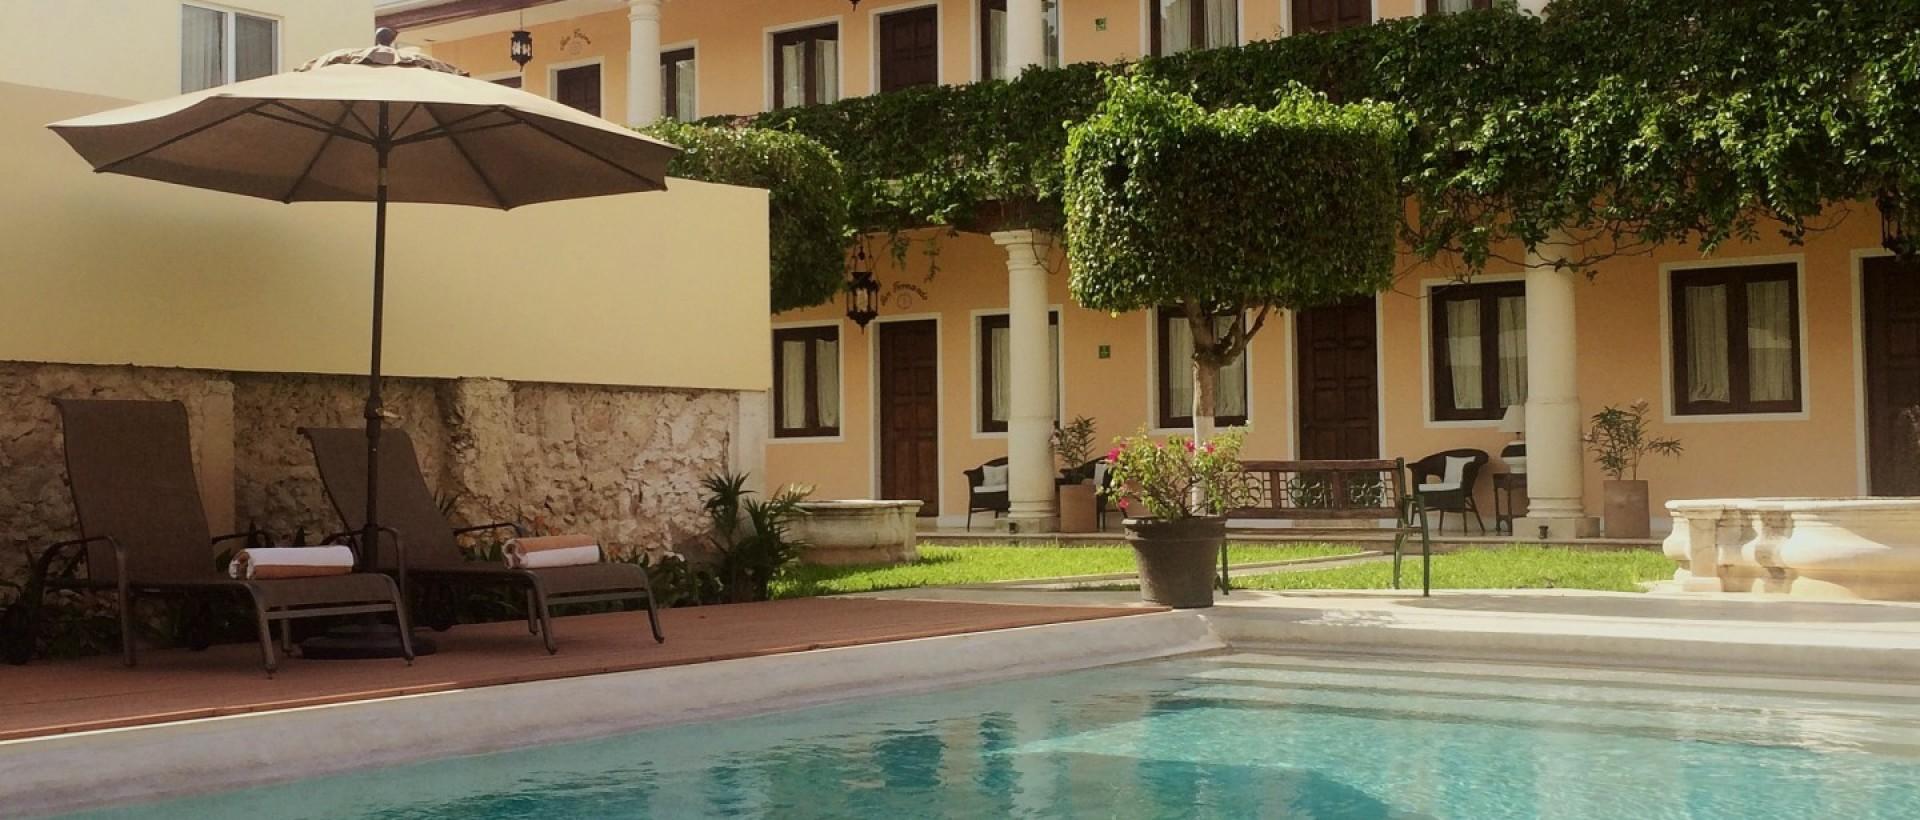 Hotel casa luc a m rida yucat n for Construccion de piscinas merida yucatan